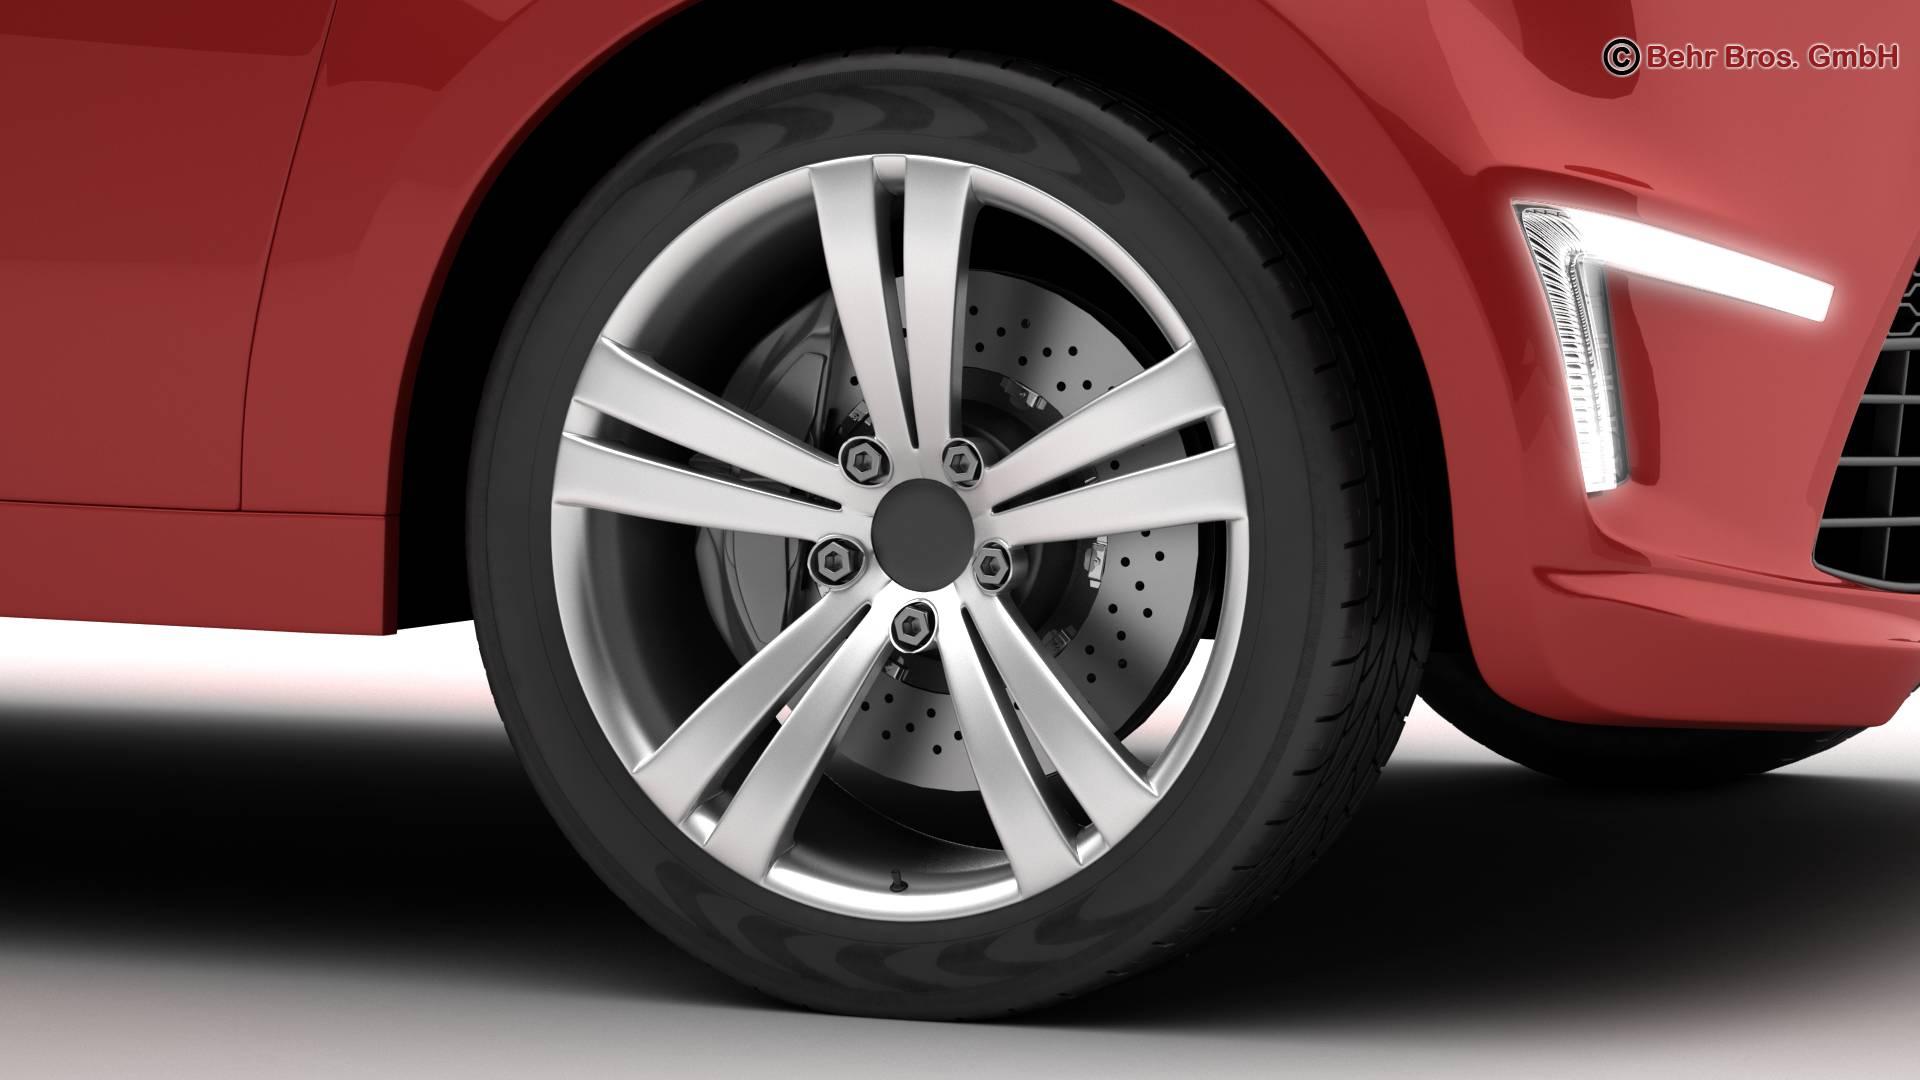 generic city car 3d model 3ds max fbx c4d lwo ma mb obj 209041